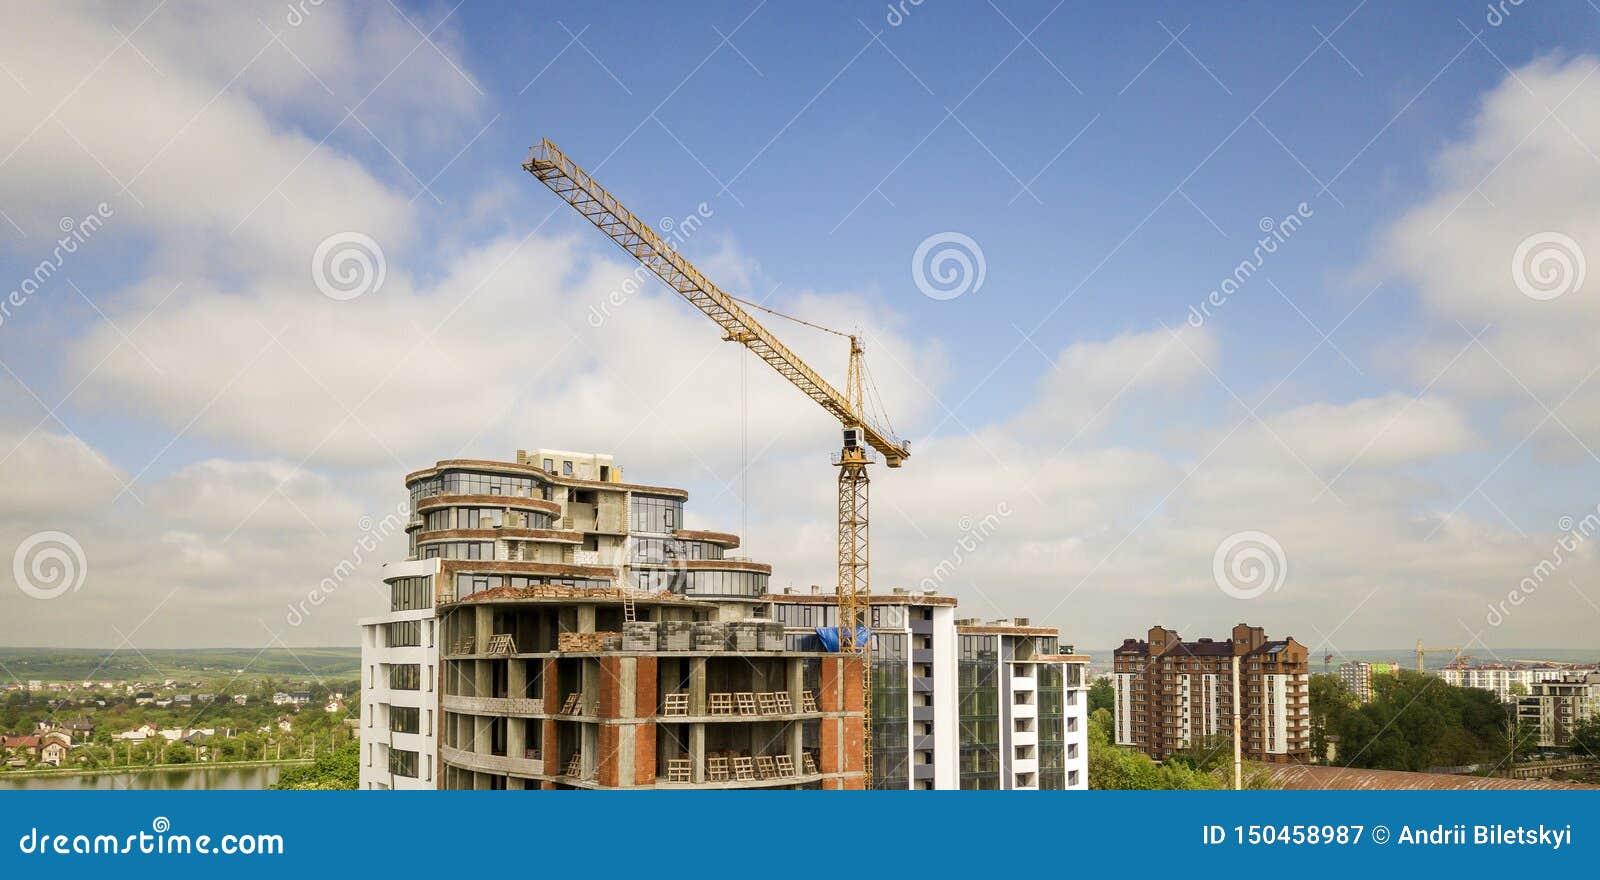 Квартира или высотное здание офиса под конструкцией Кирпичные стены, окна стекла, леса и конкретные штендеры поддержки Башня